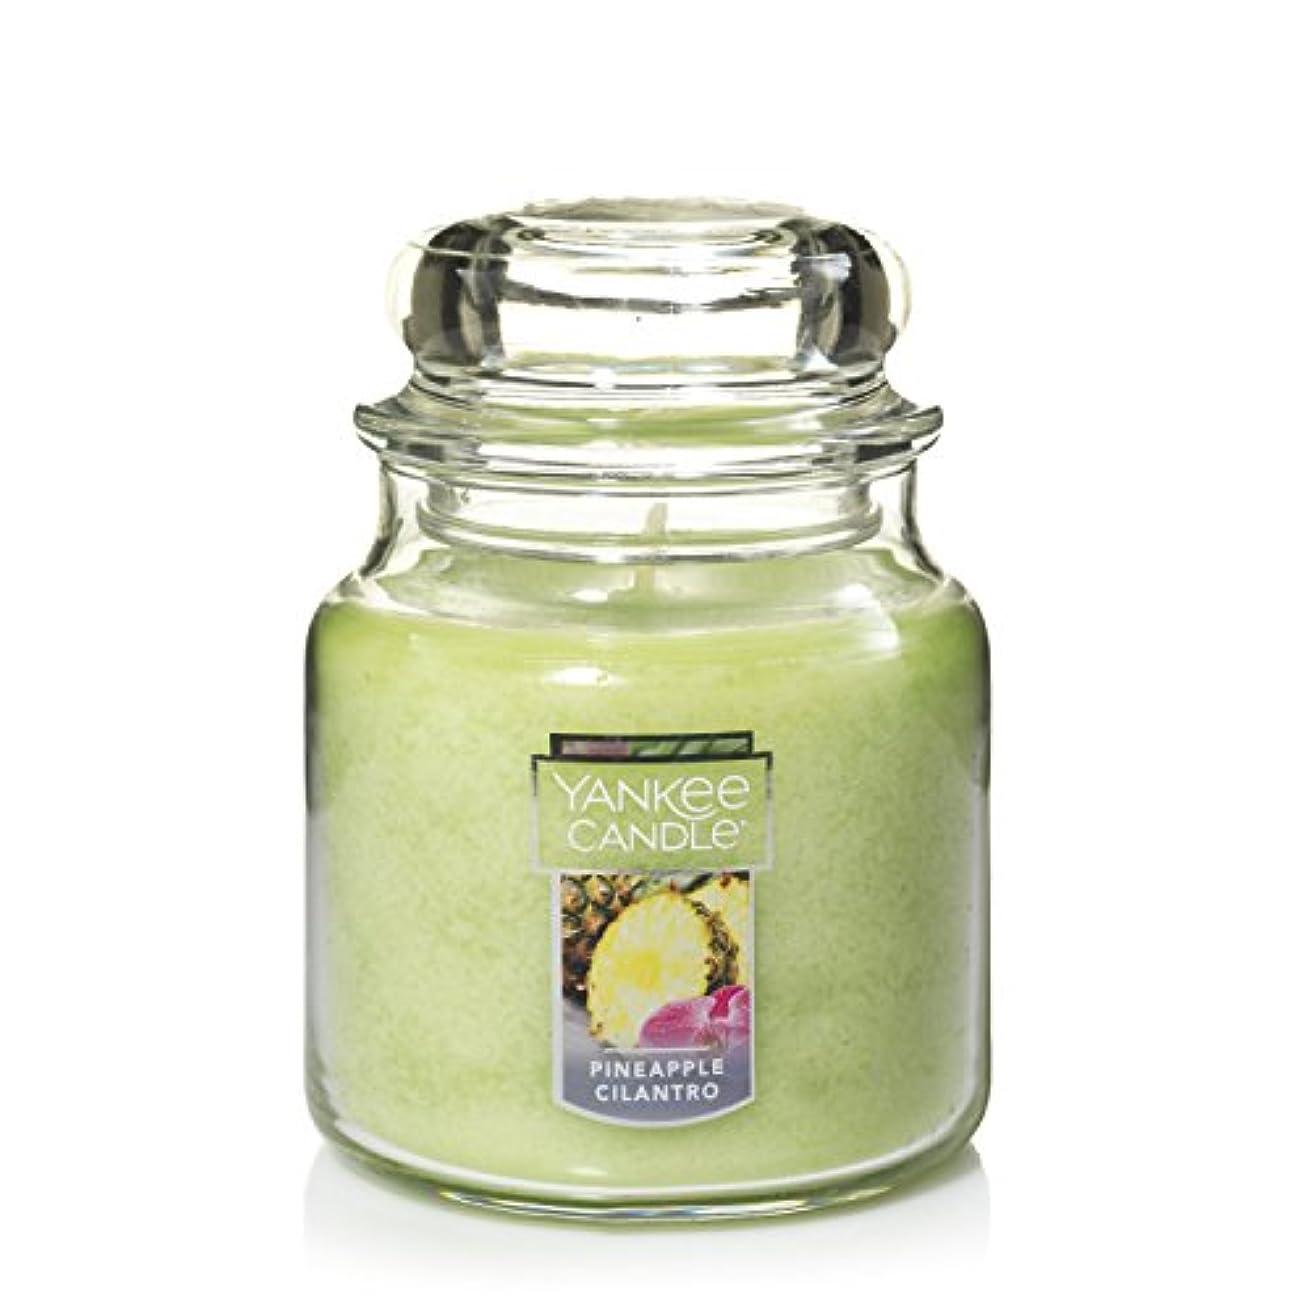 呼吸インク保険Yankee Candle ビンキャンドル パイナップル シラントロ Medium Jar Candle 1174262Z